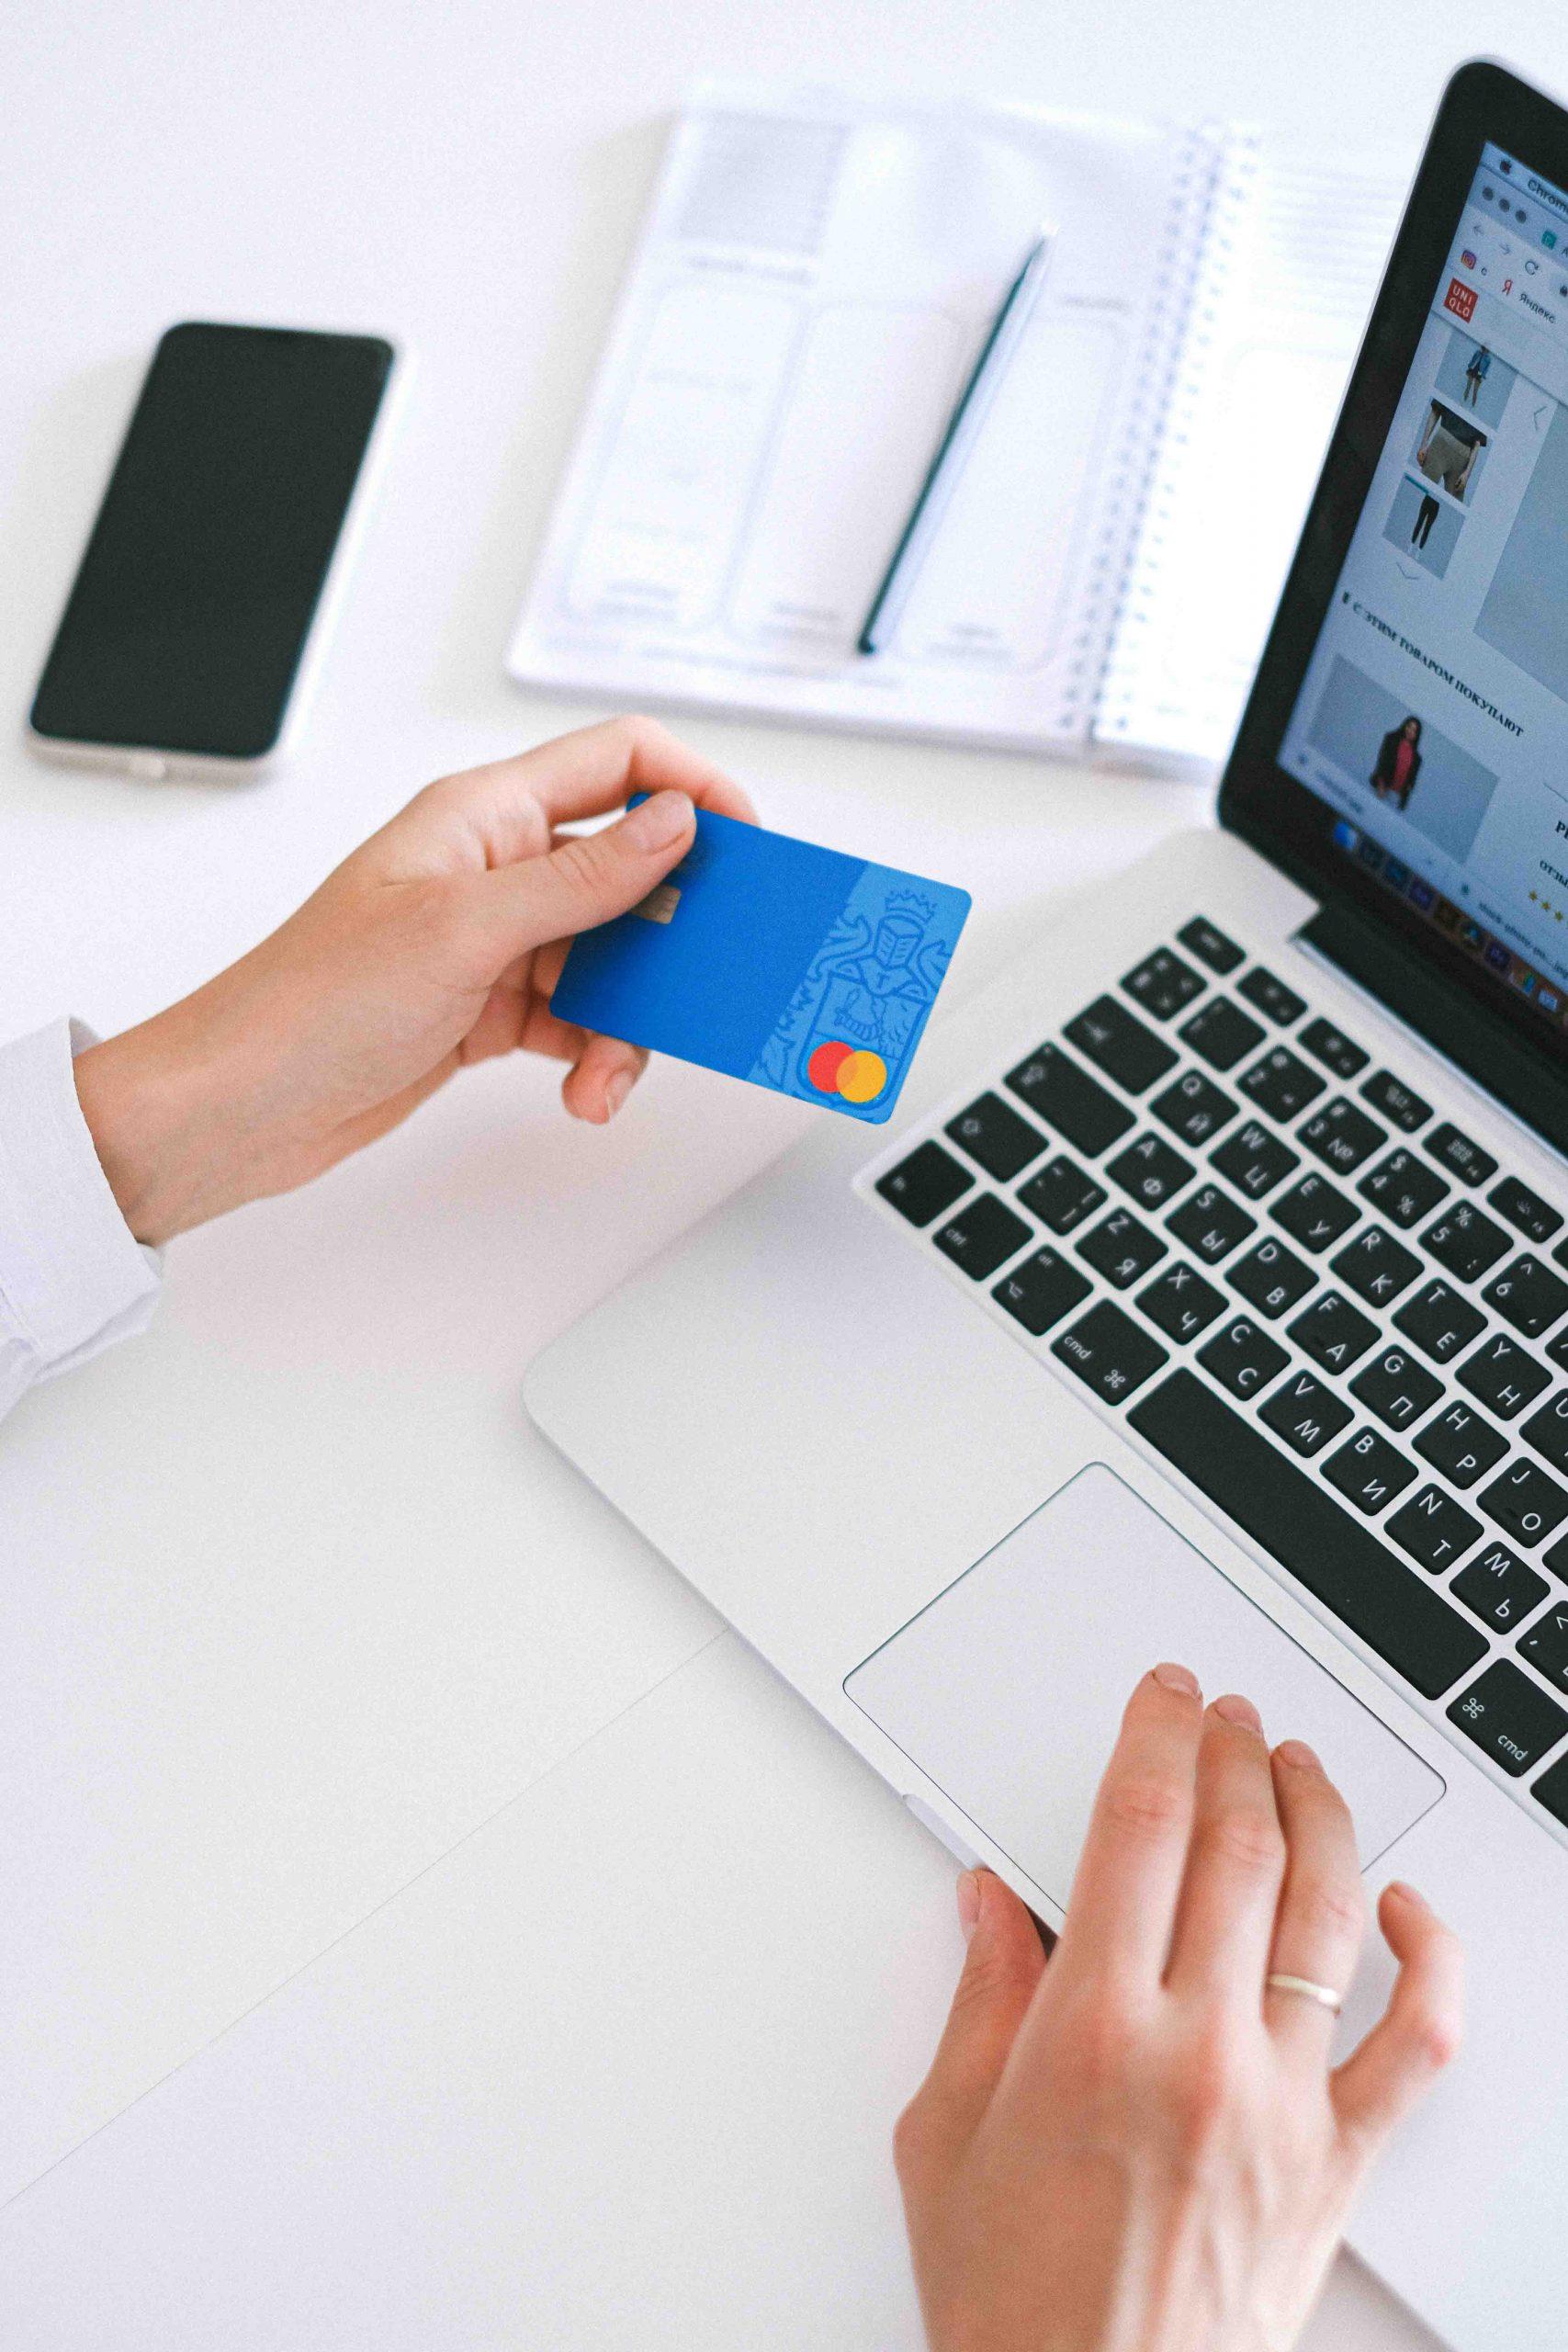 tận dụng ưu đãi để tiết kiệm tiền khi mua sắm online